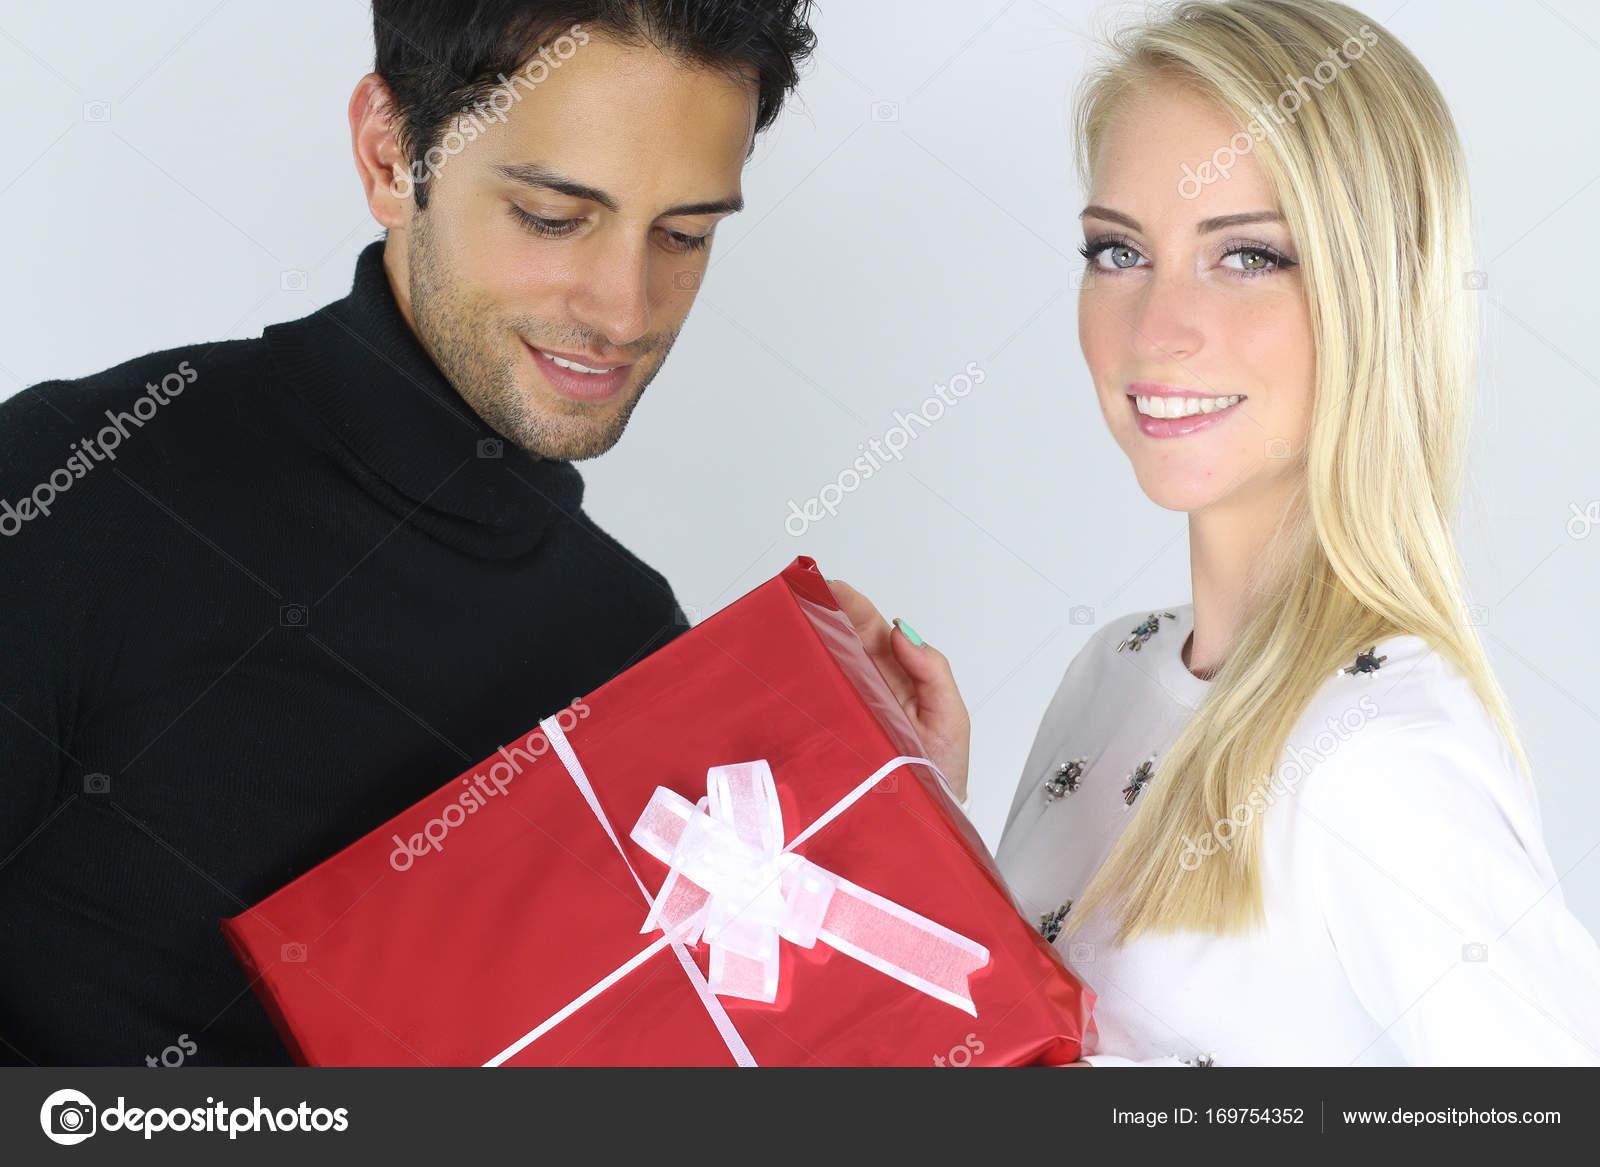 Mann bei Weihnachtsgeschenk für seine Freundin — Stockfoto ...